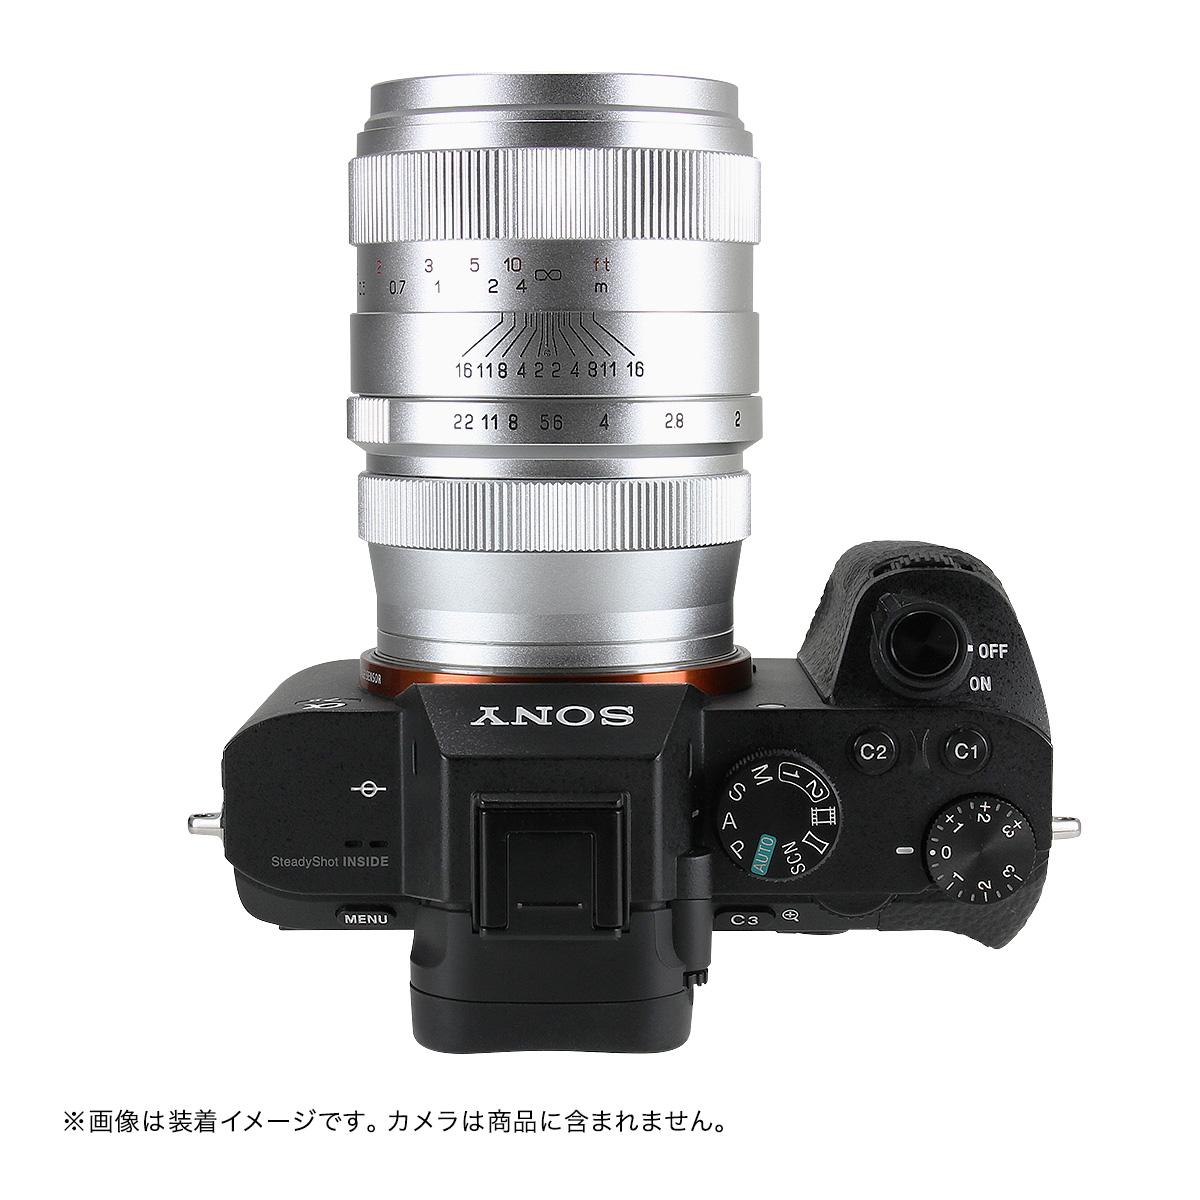 中一光学 CREATOR 35mm F2.0 単焦点レンズ シルバー